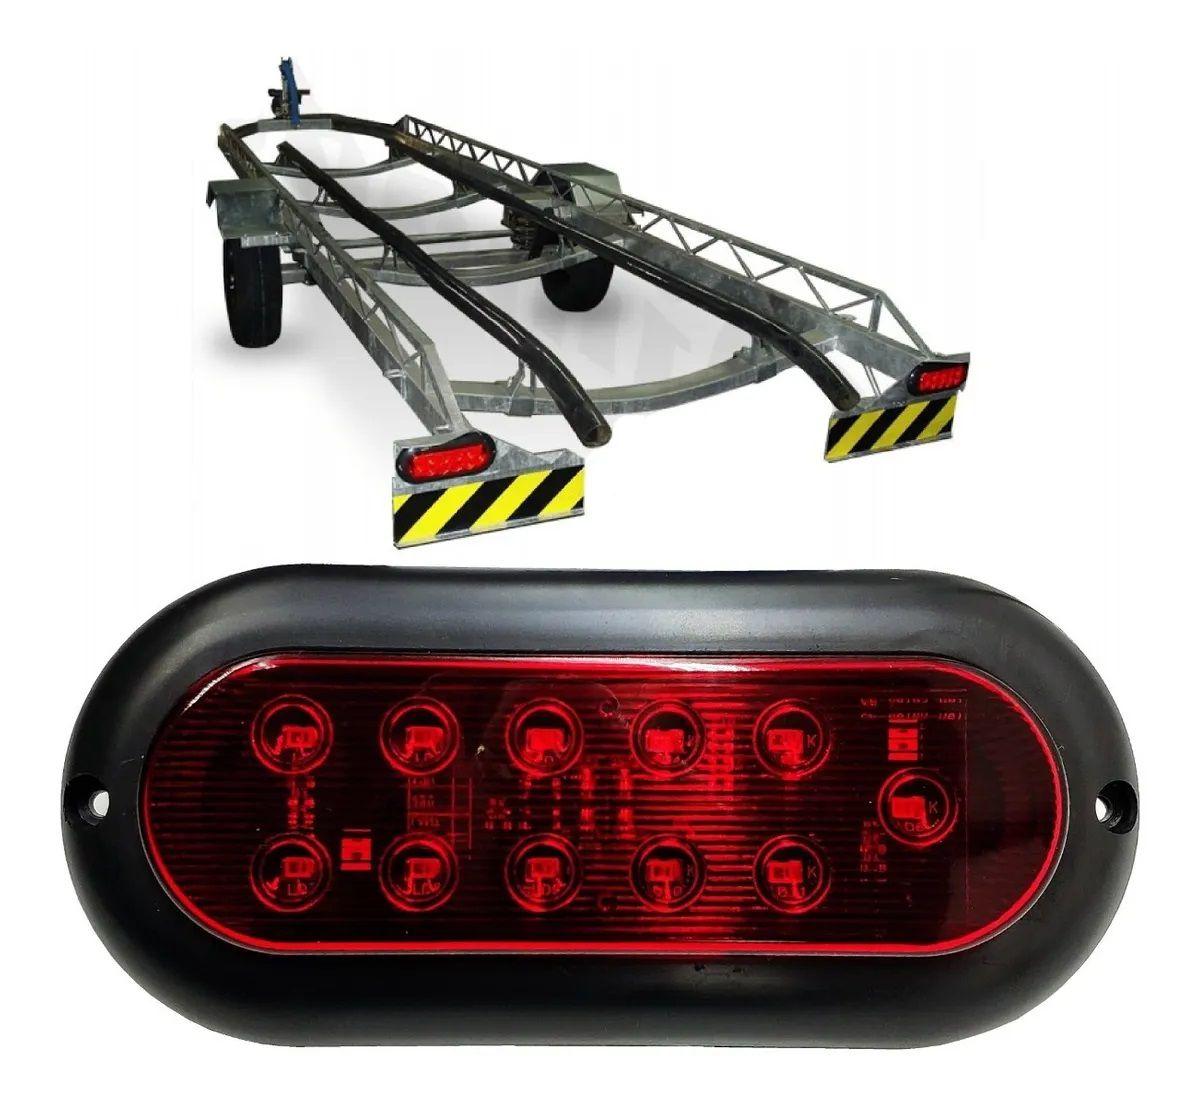 Lanterna Carreta Carretinha Reboque Jet Barco Vermelha 12V